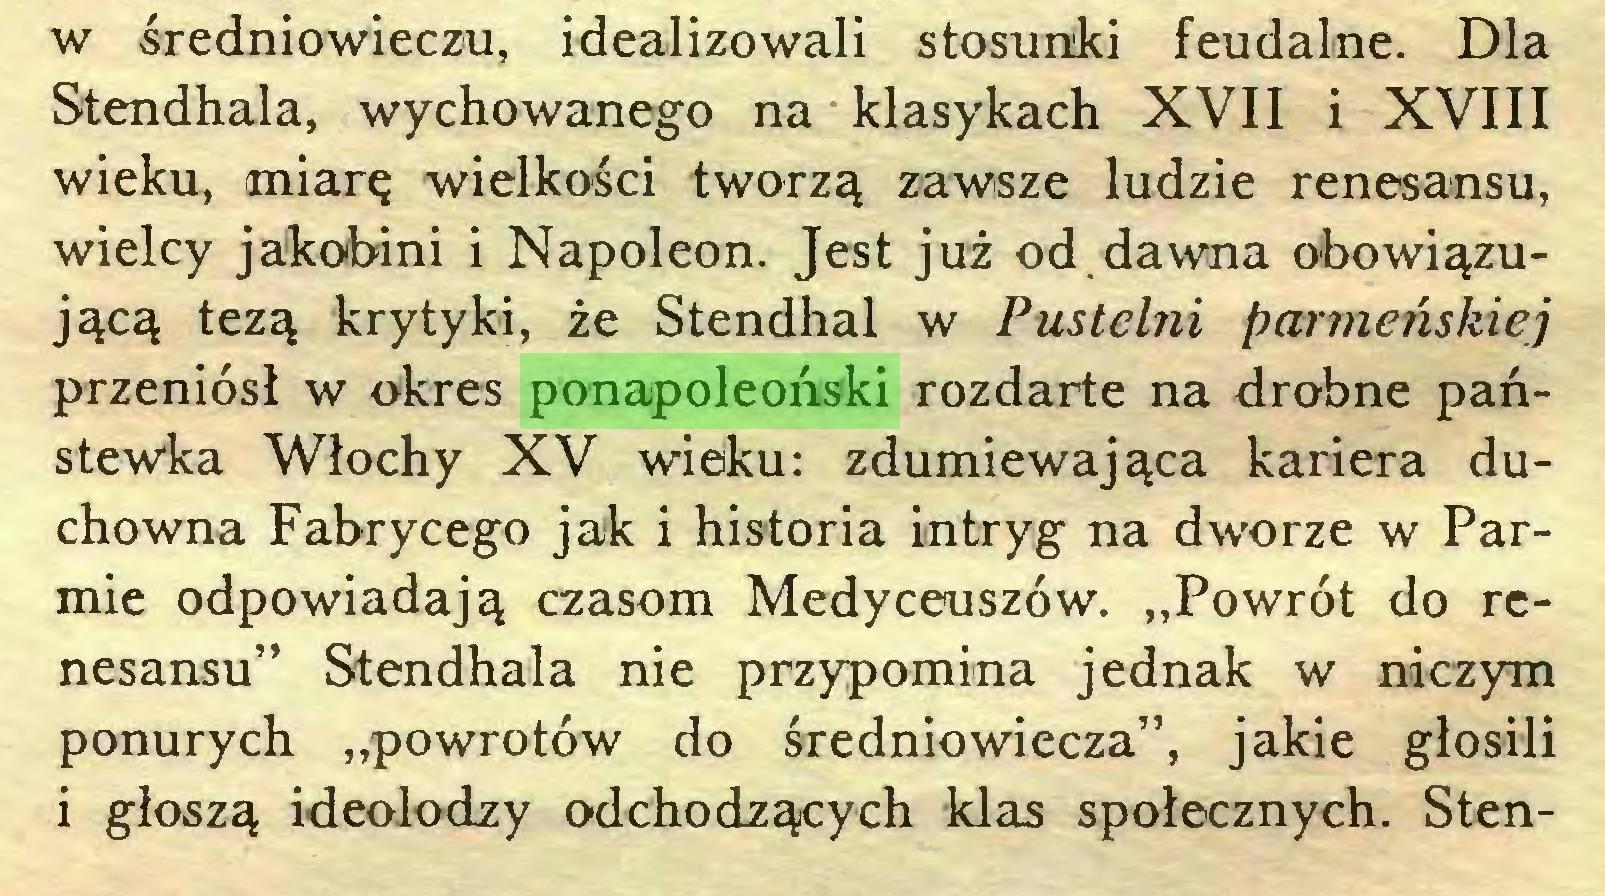 """(...) w średniowieczu, idealizowali stosunki feudalne. Dla Stendhala, wychowanego na klasykach XVII i XVIII wieku, miarę wielkości tworzą zawsze ludzie renesansu, wielcy jakobini i Napoleon. Jest już od dawna obowiązującą tezą krytyki, że Stendhal w Pustelni parmetiskiej przeniósł w okres ponapoleoński rozdarte na drobne państewka Włochy XV wieku: zdumiewająca kariera duchowna Fabrycego jak i historia intryg na dworze w Parmie odpowiadają czasom Medyceuszów. """"Powrót do renesansu"""" Stendhala nie przypomina jednak w niczym ponurych """"powrotów do średniowiecza"""", jakie głosili i głoszą ideolodzy odchodzących klas społecznych. Sten..."""